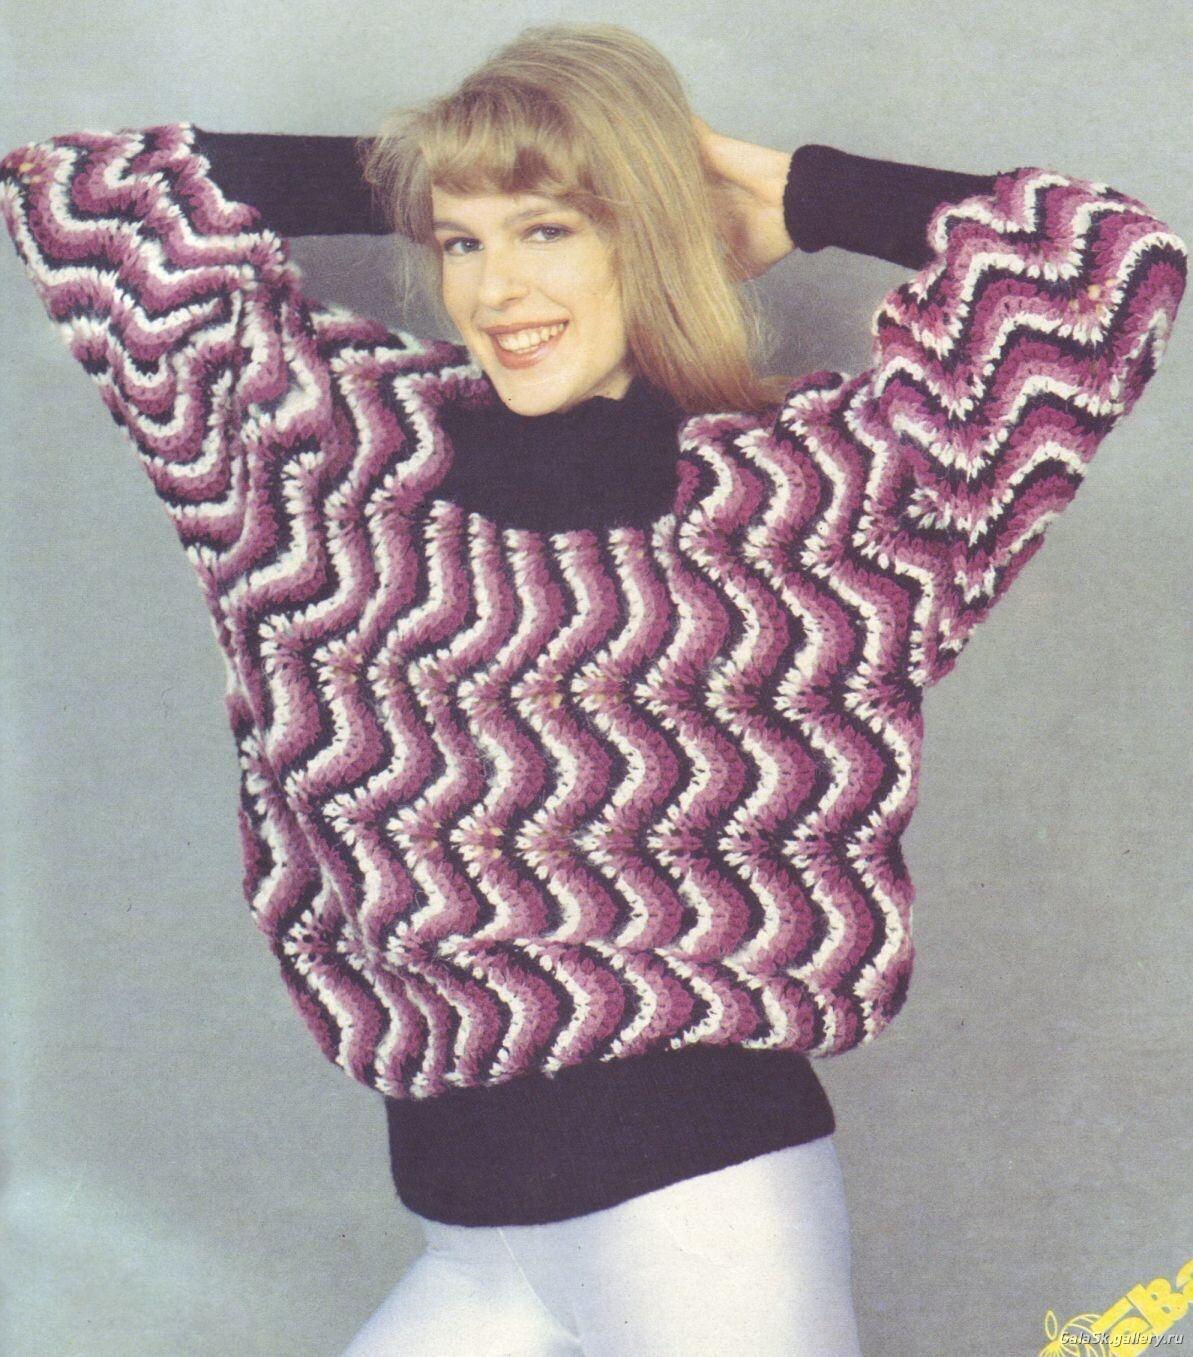 Рукоделие вязание тапочек